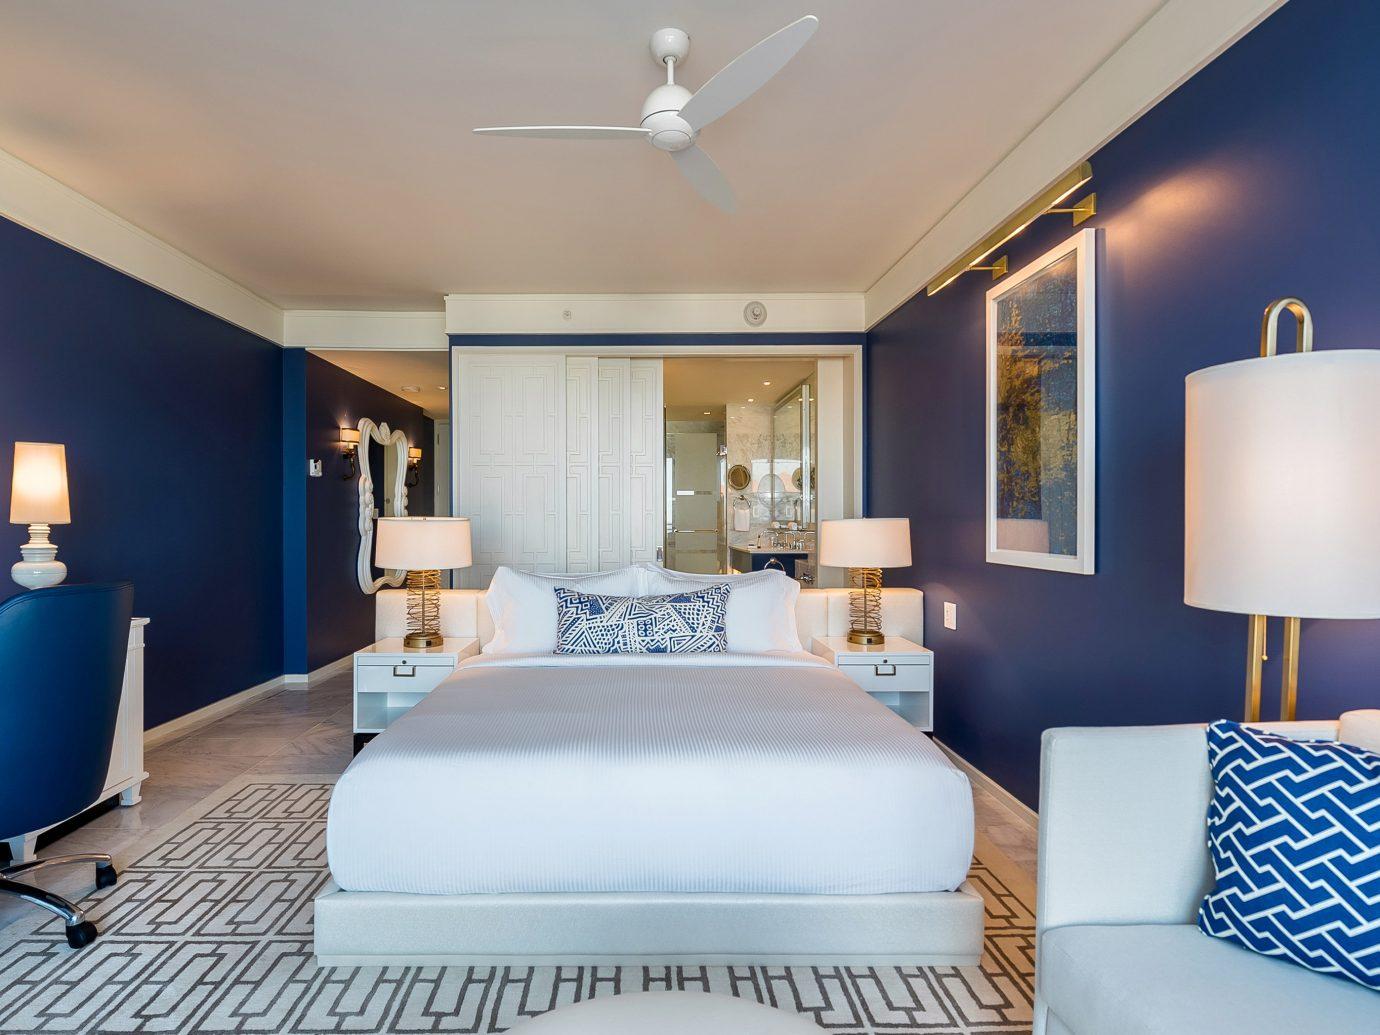 Bedroom at Grand Hyatt Baha Mar